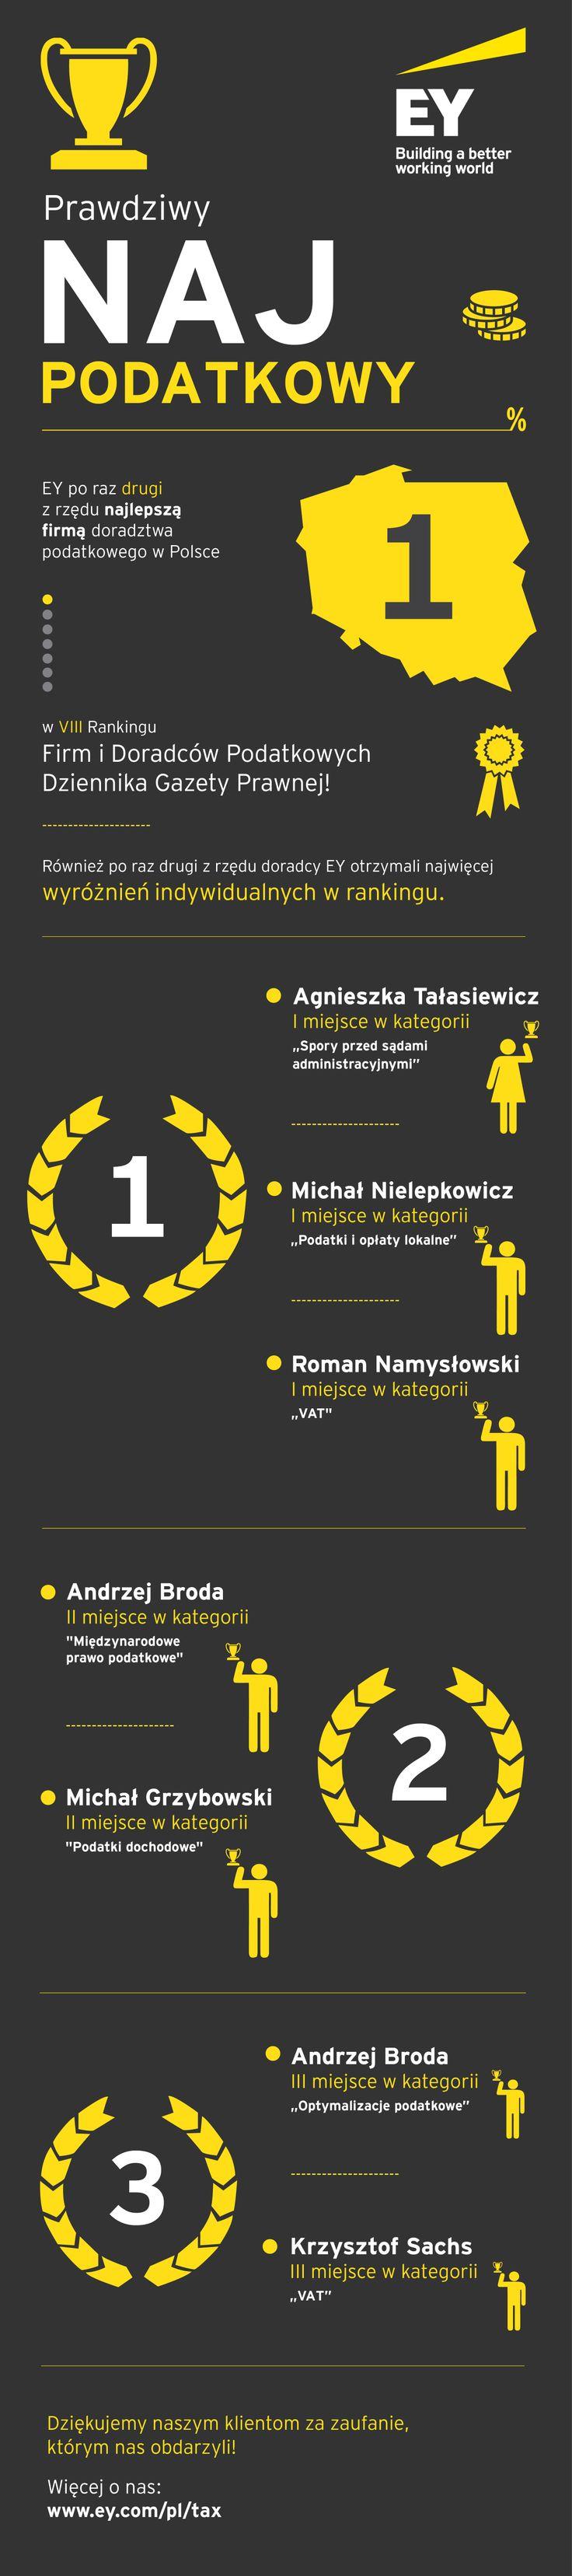 EY najlepszą firmą doradztwa podatkowego w VIII rankingu Firm i Doradców Podatkowych Dziennika Gazety Prawnej.